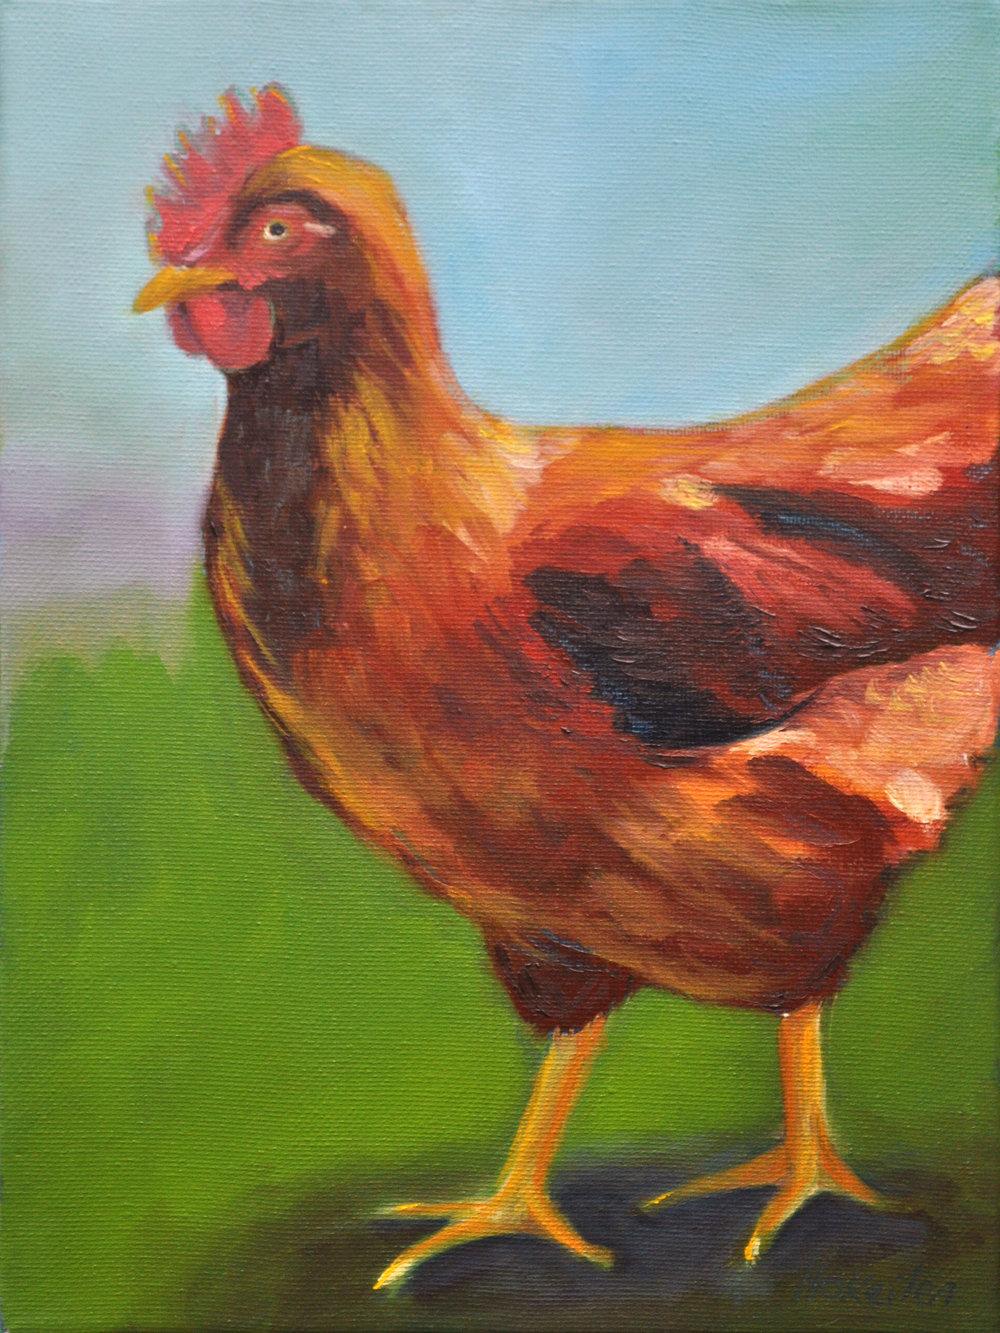 Chicken Little - oil on canvas, 12